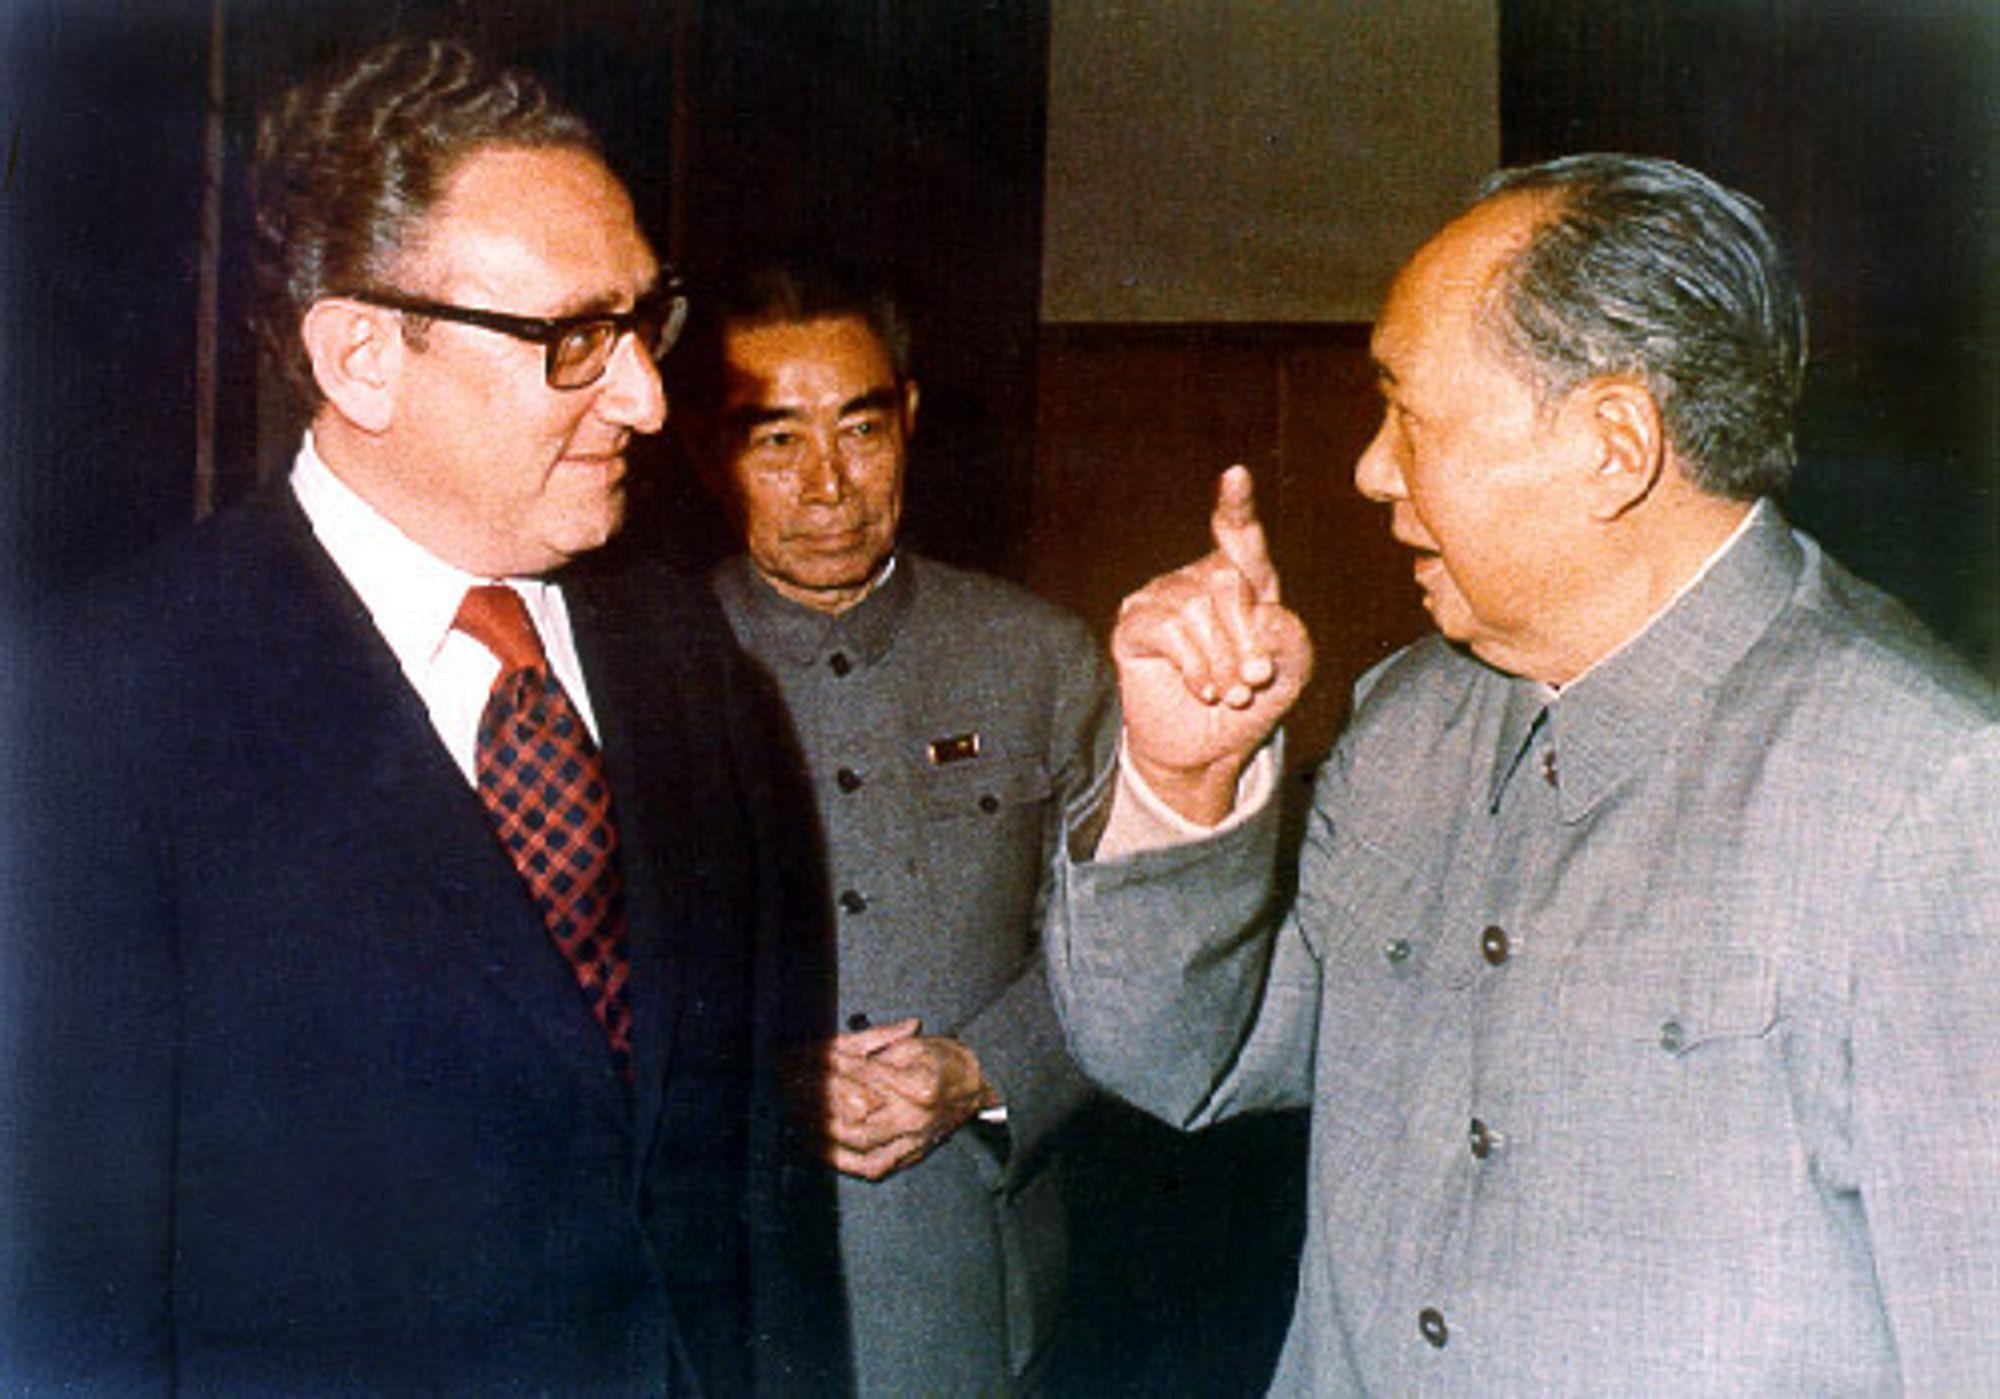 USAs utenriksminister Henry Kissingers to besøk til Kina i 1971 la grunnlaget for diplomatiske forbindelser mellom de to landene. Her sammen med daværende statsminister Zhou Enlai og partileder Mao Zedong.